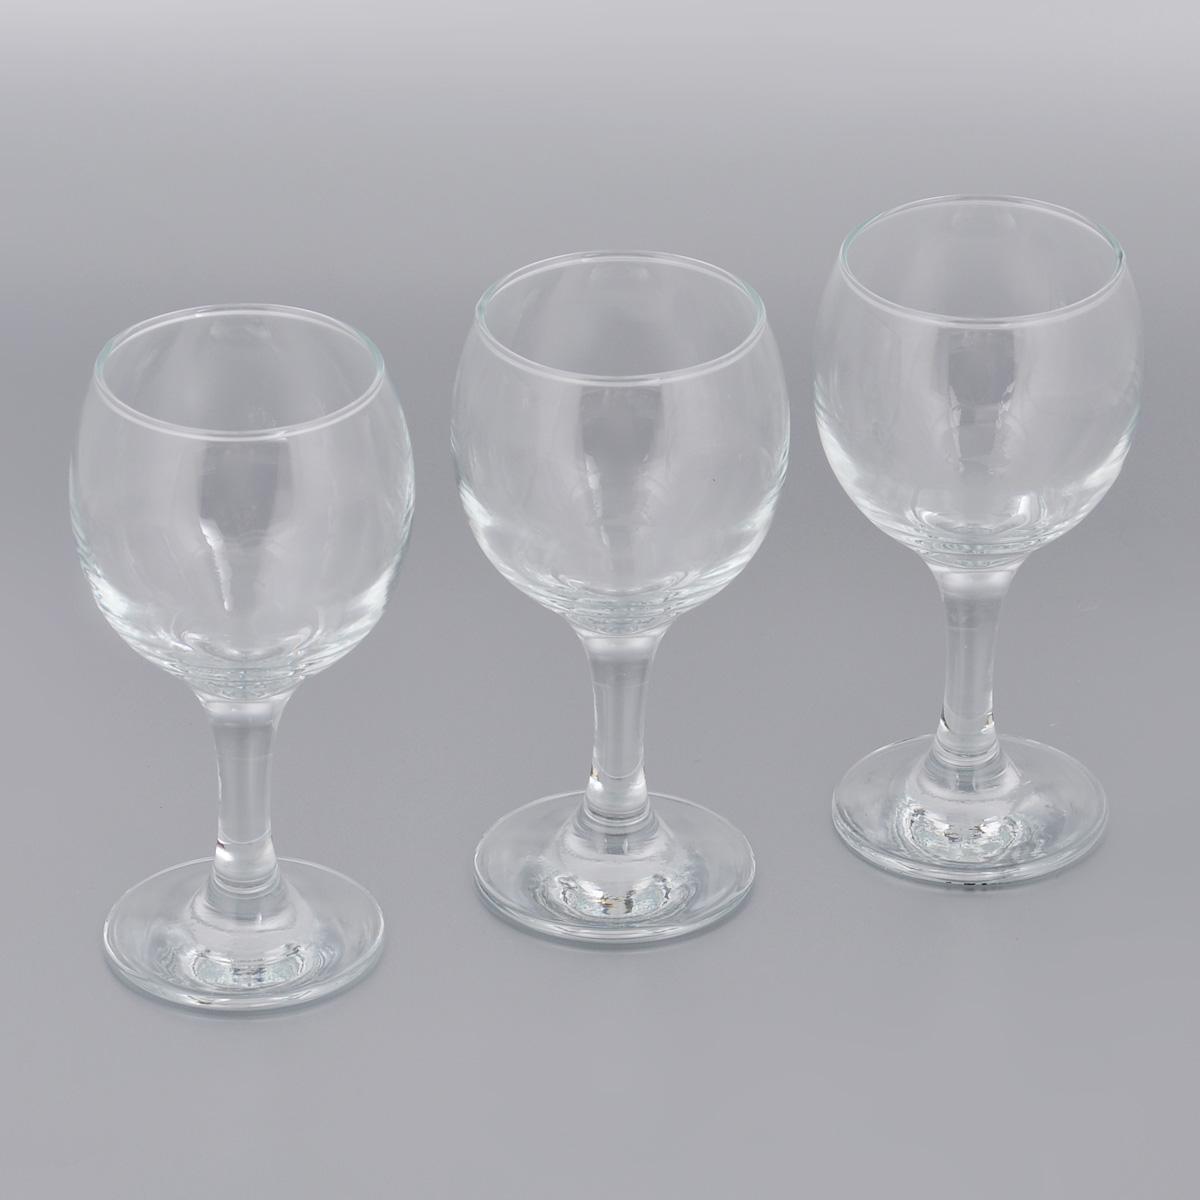 Набор бокалов для вина Pasabahce Bistro, 225 мл, 3 шт44412BНабор Pasabahce Bistro состоит из трех бокалов, выполненных из прочного натрий-кальций-силикатного стекла. Изделия оснащены высокими ножками. Бокалы предназначены для подачи вина. Они сочетают в себе элегантный дизайн и функциональность. Благодаря такому набору пить напитки будет еще вкуснее. Набор бокалов Pasabahce Bistro прекрасно оформит праздничный стол и создаст приятную атмосферу за романтическим ужином. Такой набор также станет хорошим подарком к любому случаю. Можно мыть в посудомоечной машине и использовать в микроволновой печи. Диаметр бокала (по верхнему краю): 6 см. Высота бокала: 15 см.